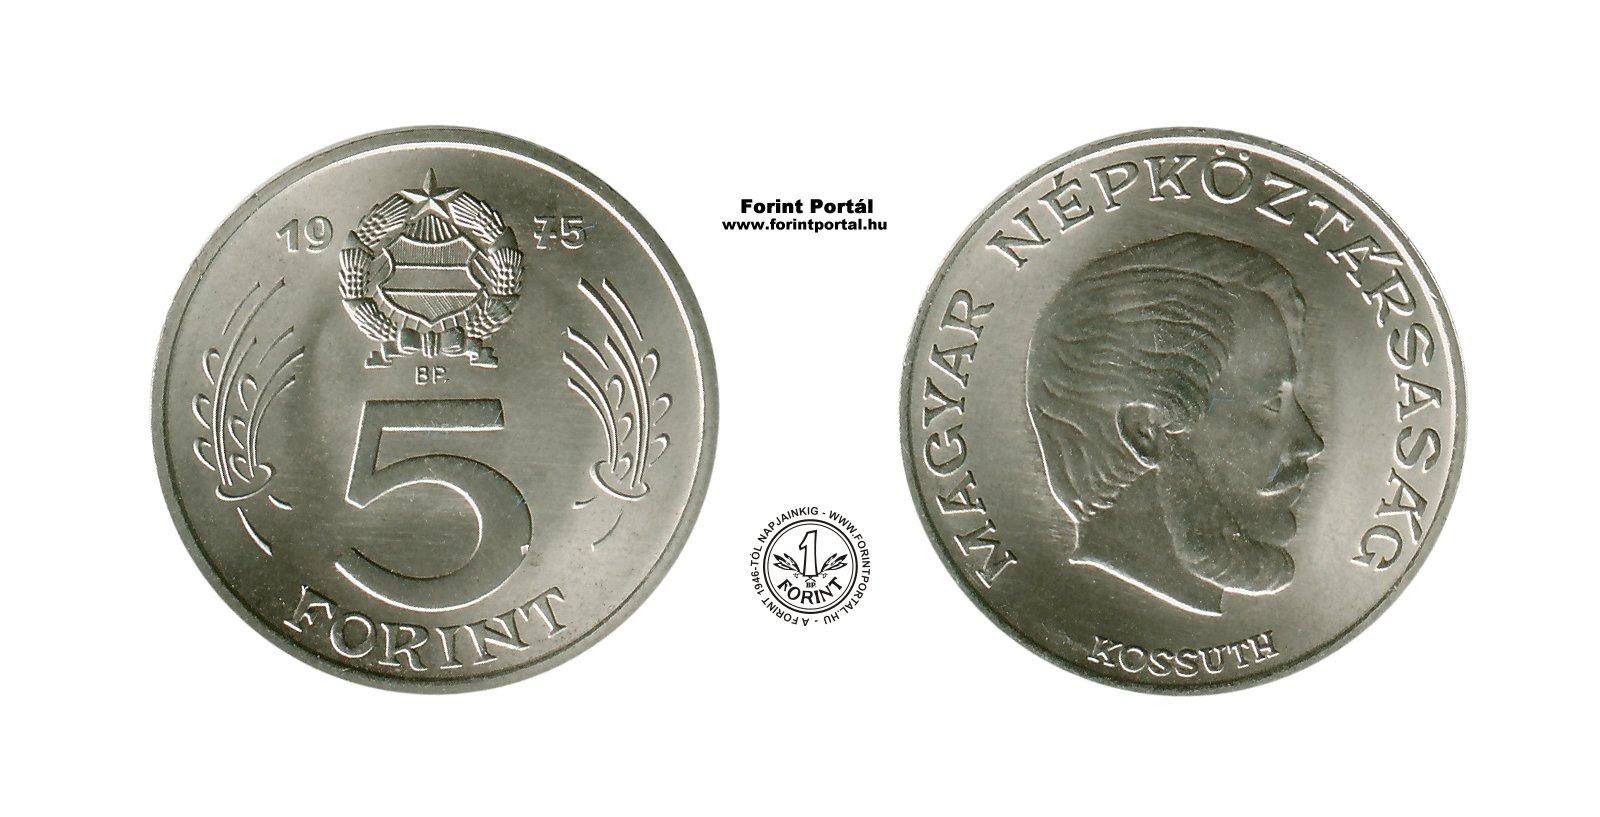 http://www.forintportal.hu/forint/5_forint/www_forintportal_hu_1975_5_forint.jpg